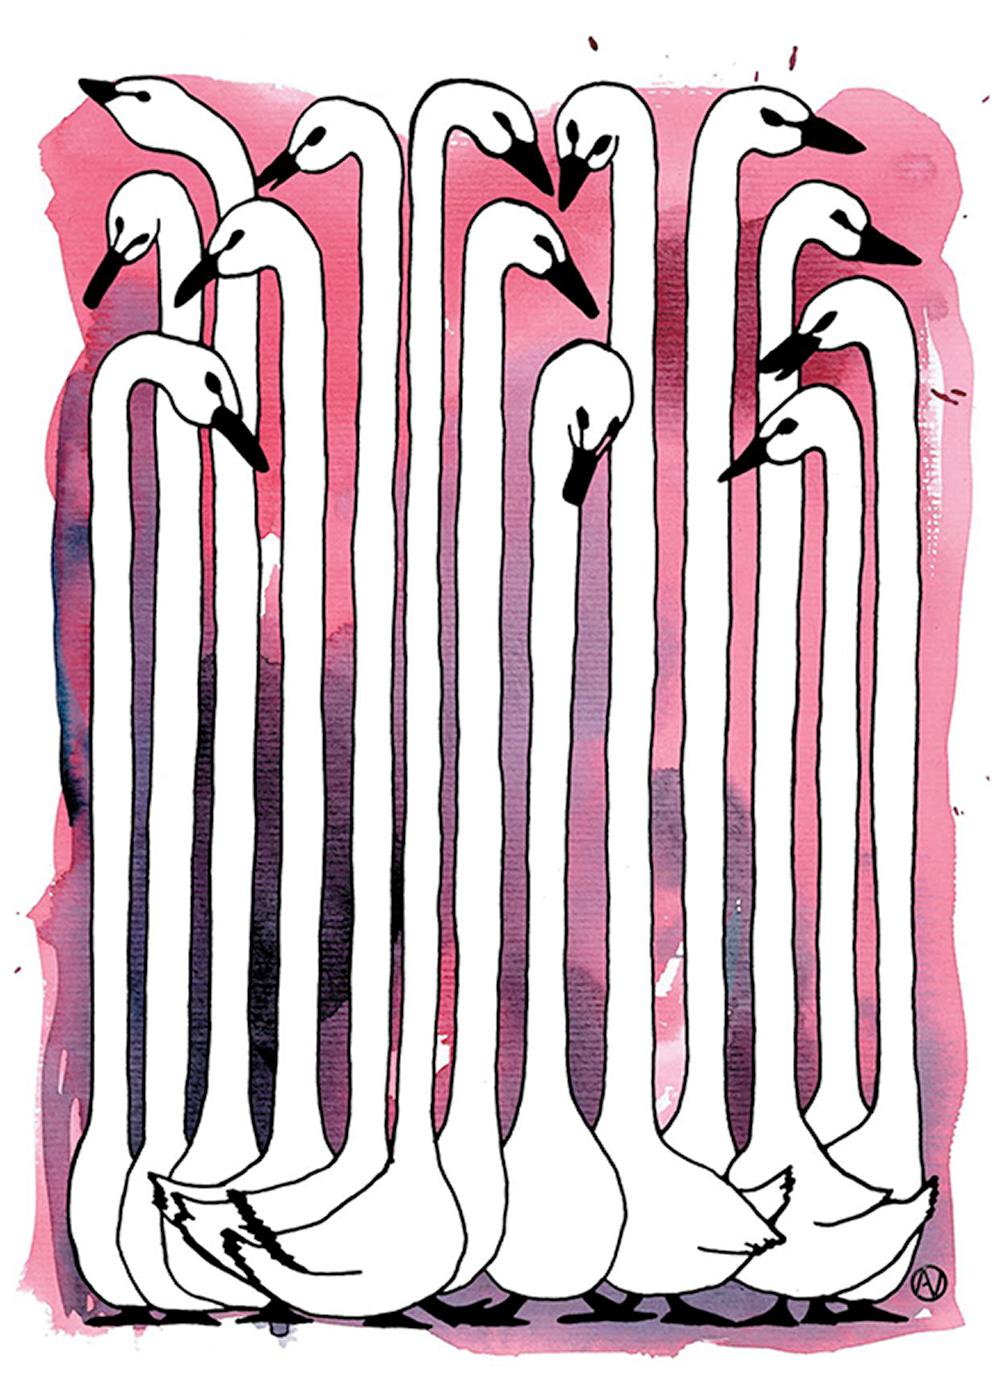 אווזים ארוכי צוואר